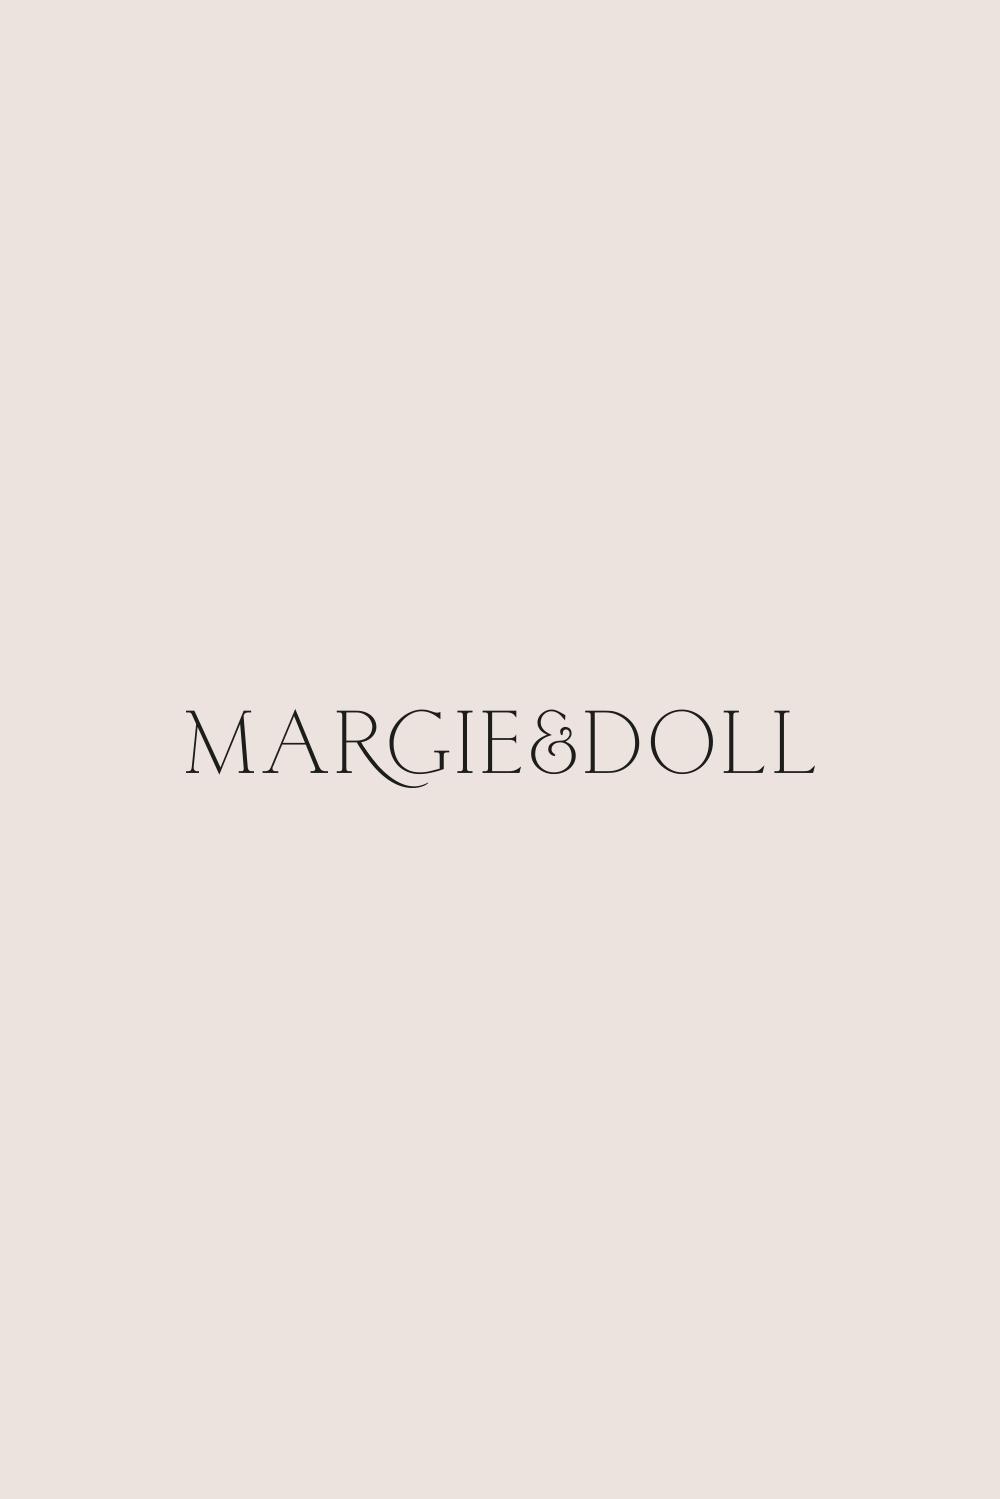 Margie&Doll | trudygeorgina.com